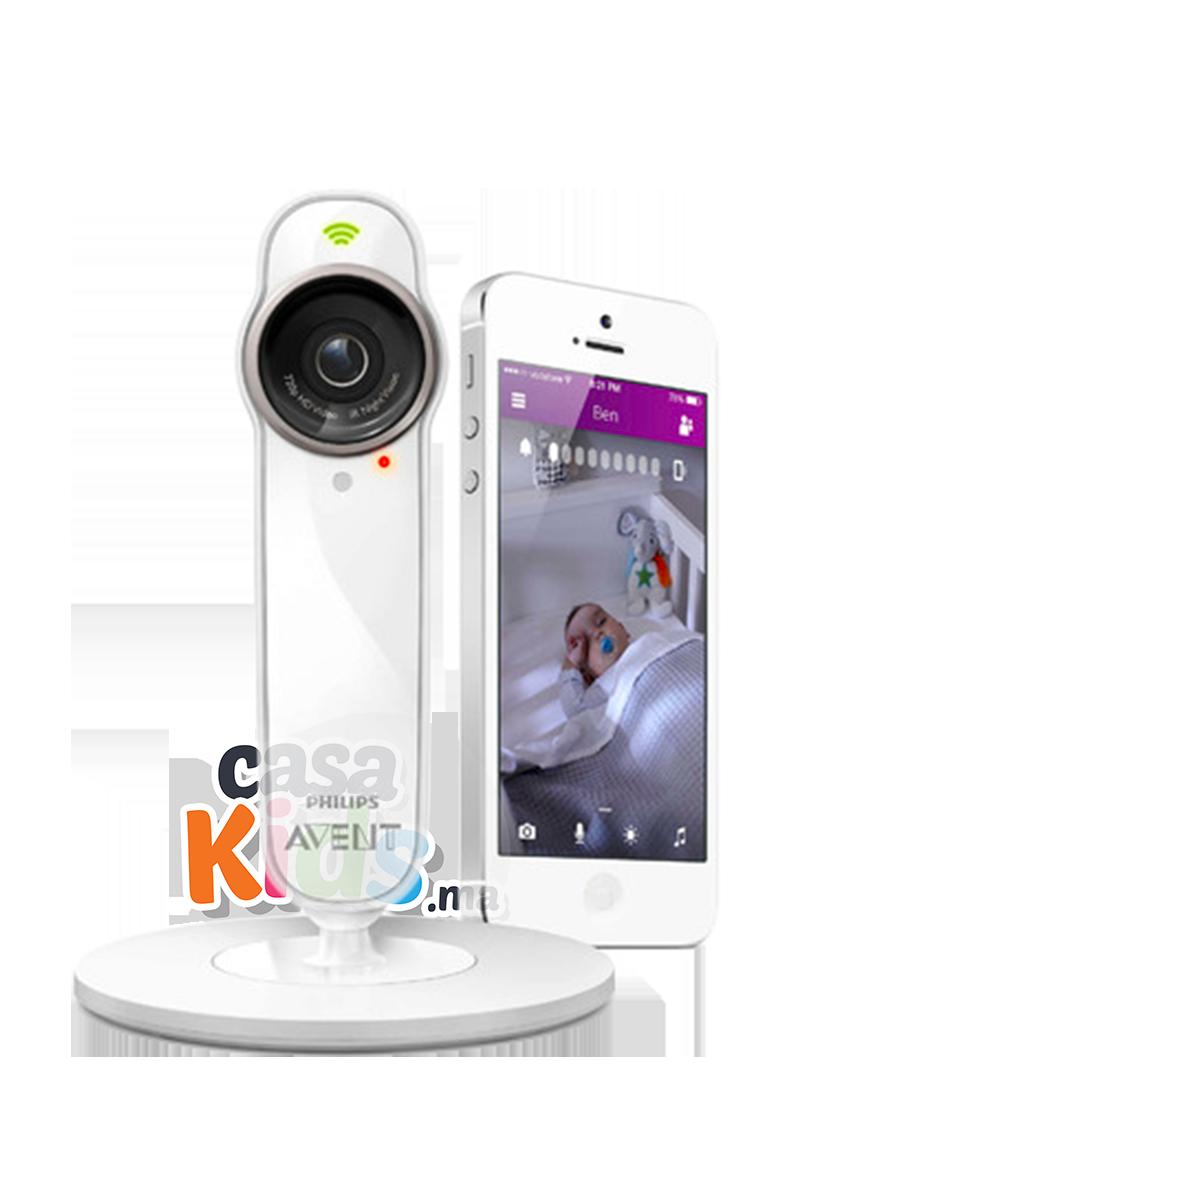 Écoute-bébé connecté SCD860 baby phone caméra uGrow - Philips Avent